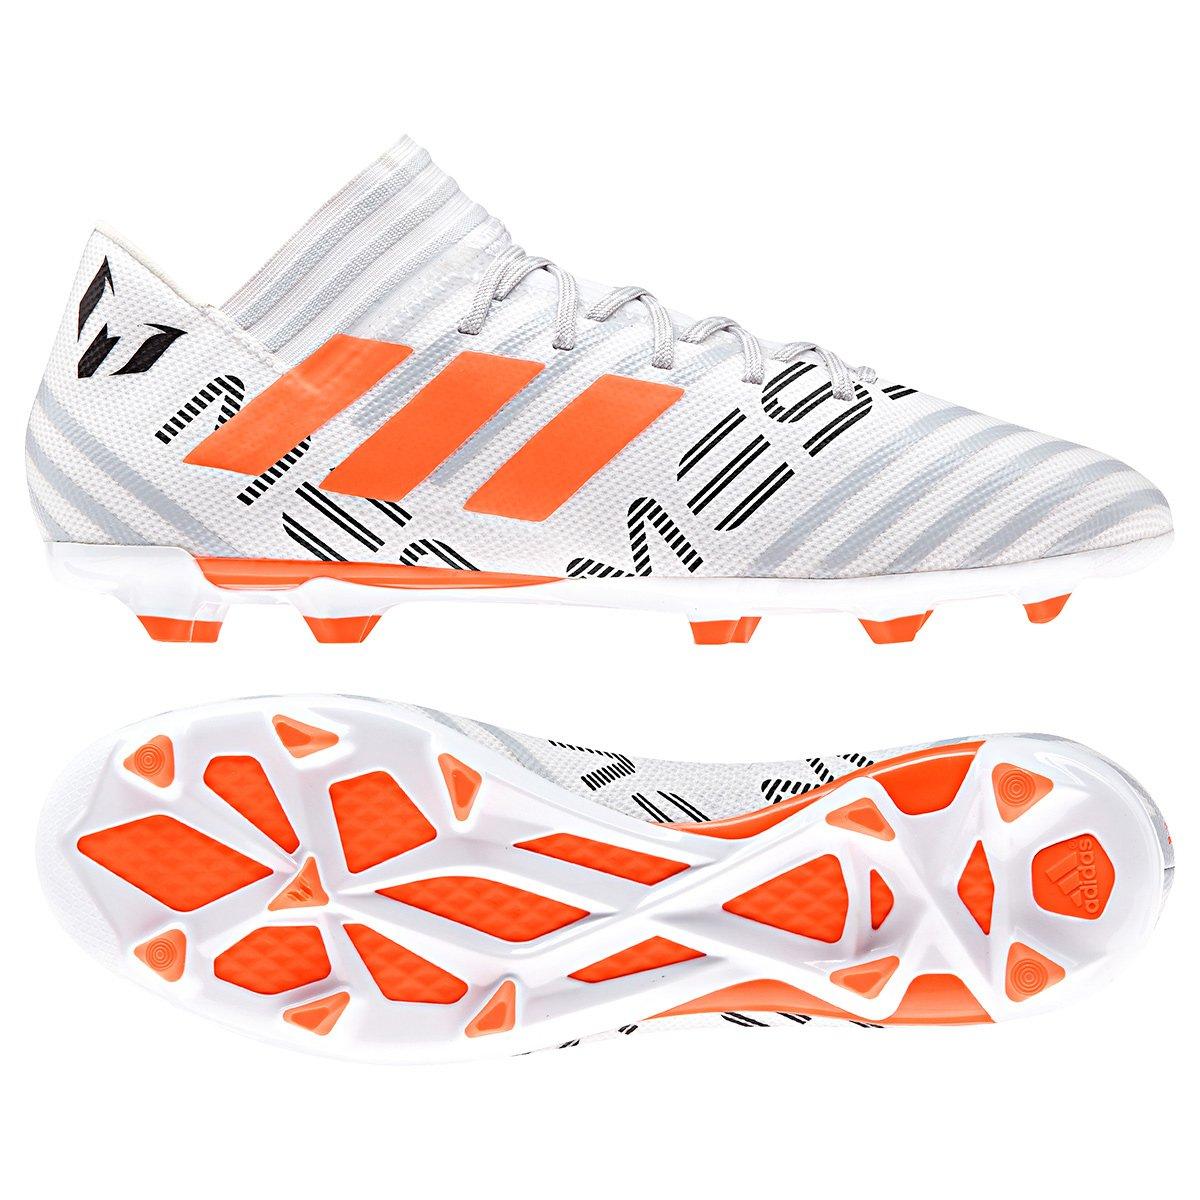 7dbbb706d976c Chuteira Campo Adidas Nemeziz Messi 17.3 FG Masculina - Cinza Claro -  Compre Agora